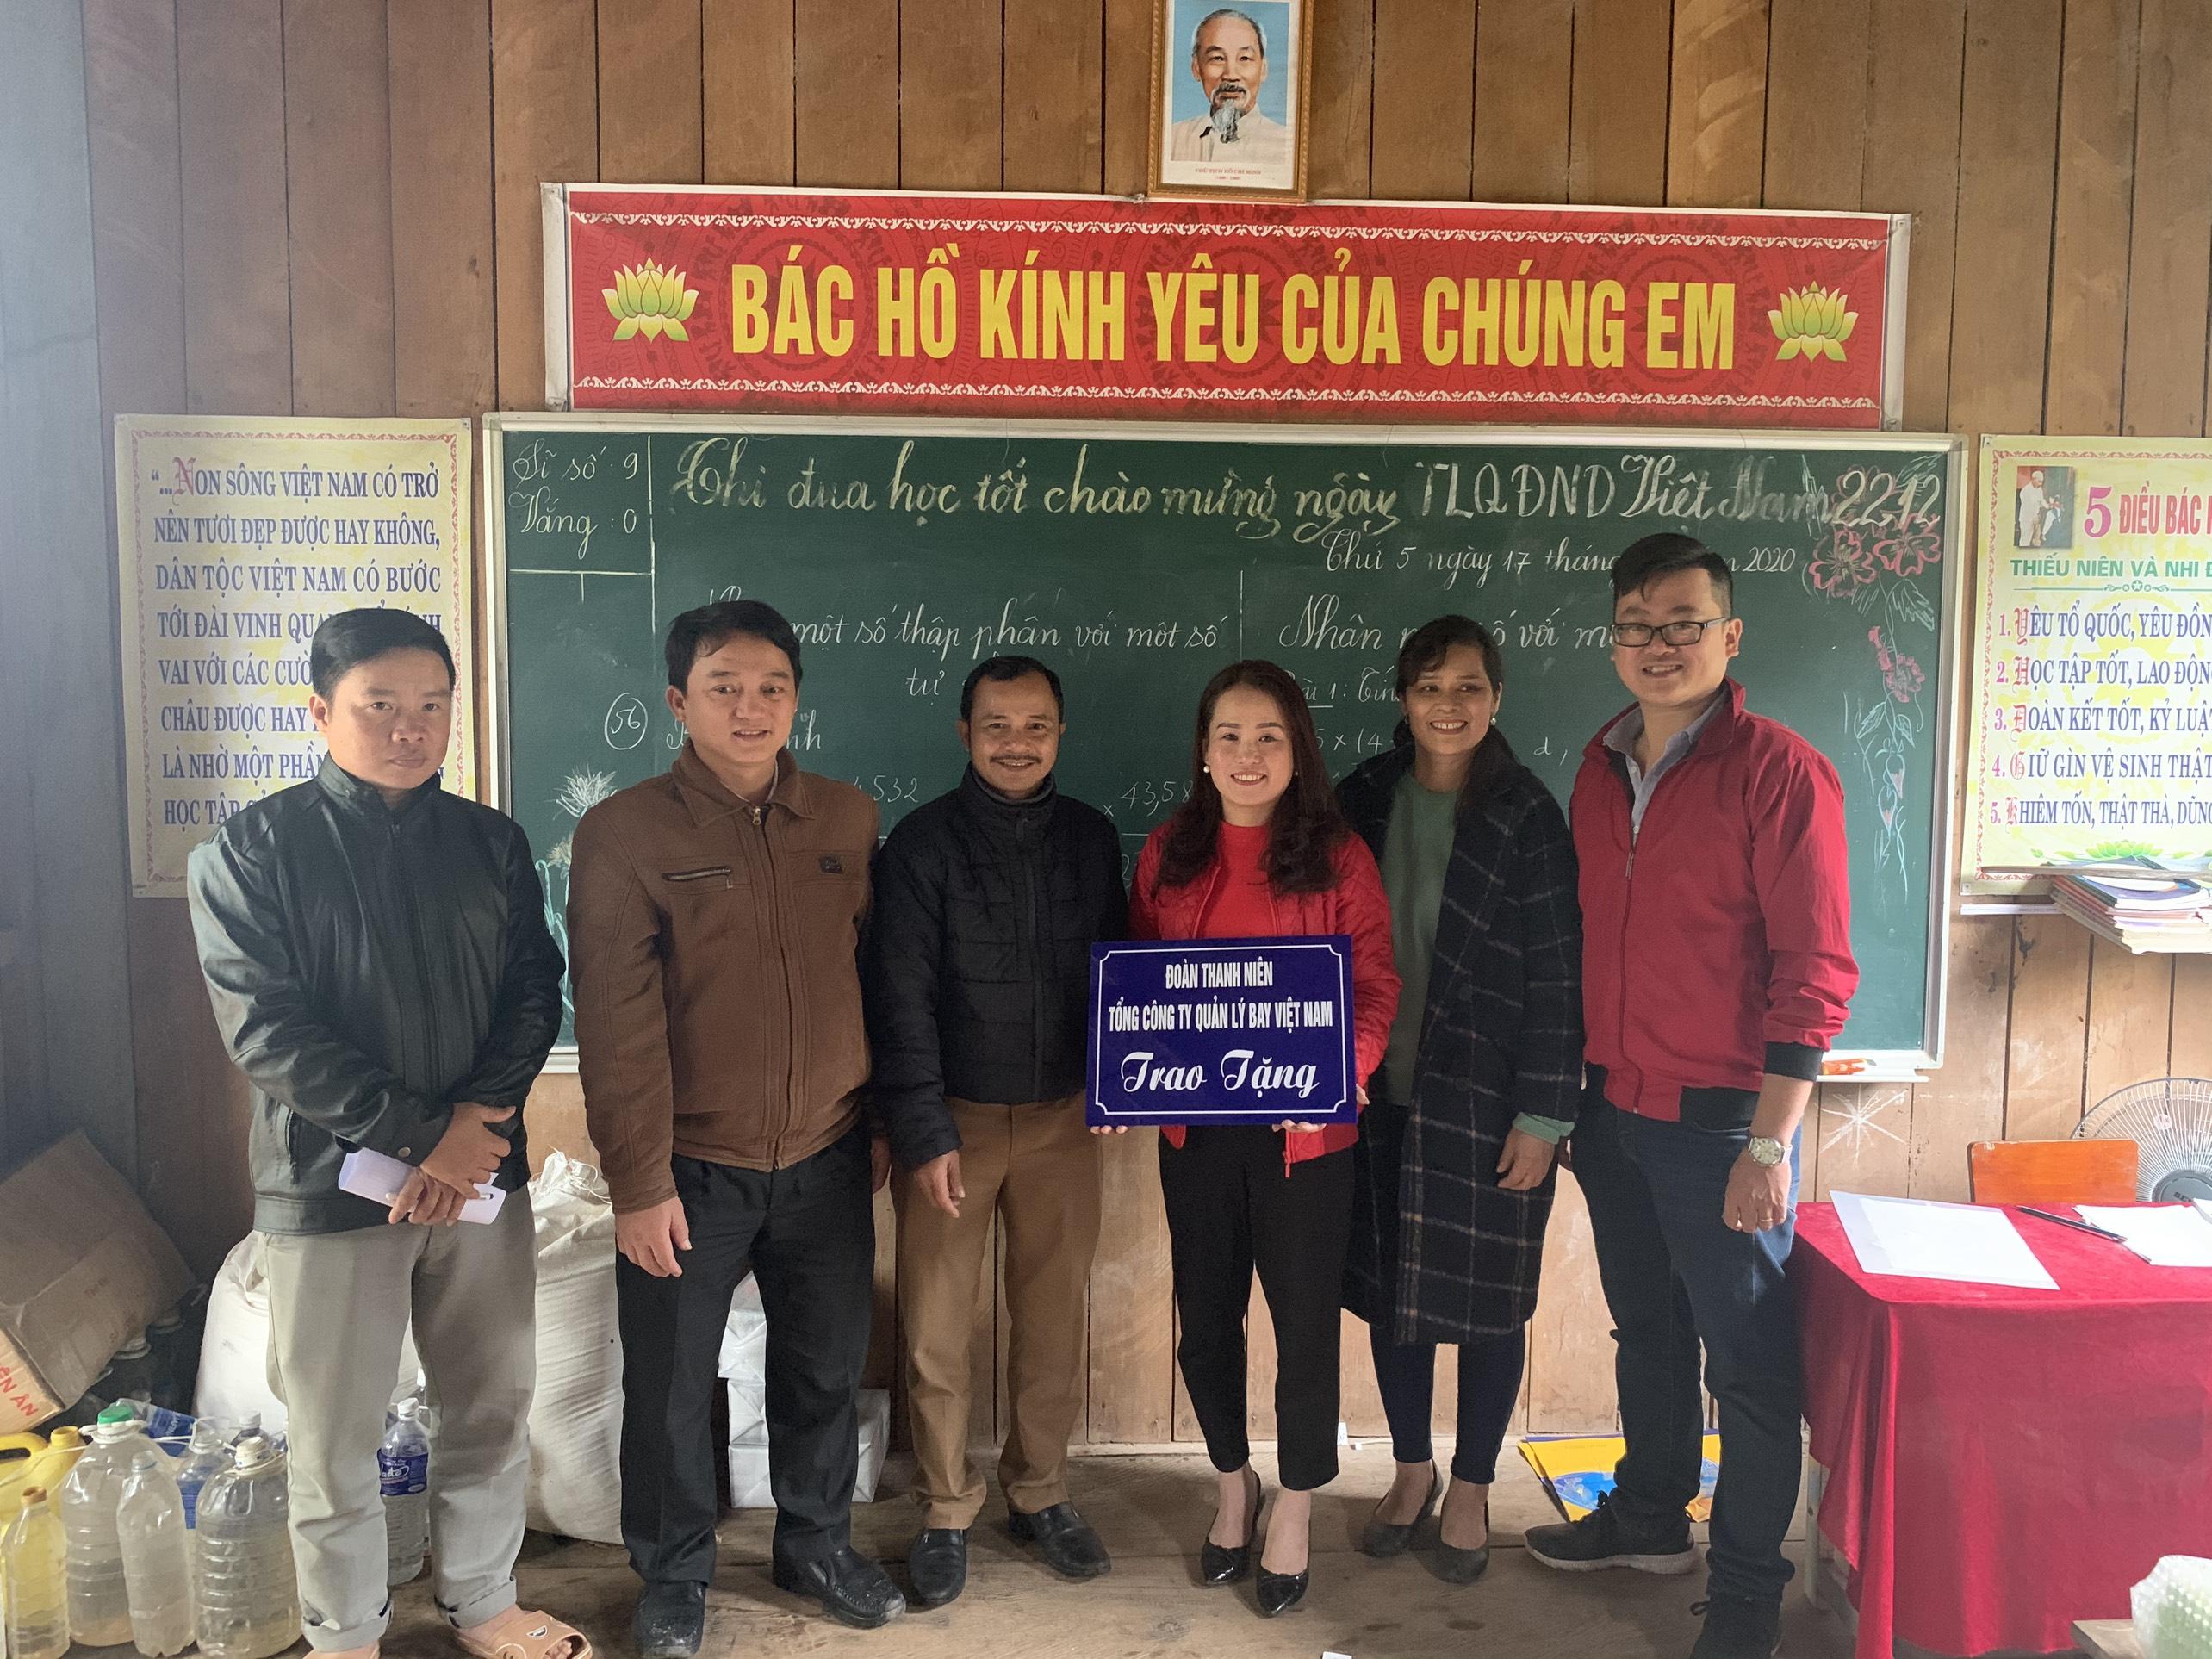 Đoàn Thanh niên VATM: Bàn giao công trình xã hội từ thiện năm 2020 và đồng hành cùng bà con bản Nịu tại Quảng Bình tái thiết cuộc sống sau lũ lụt